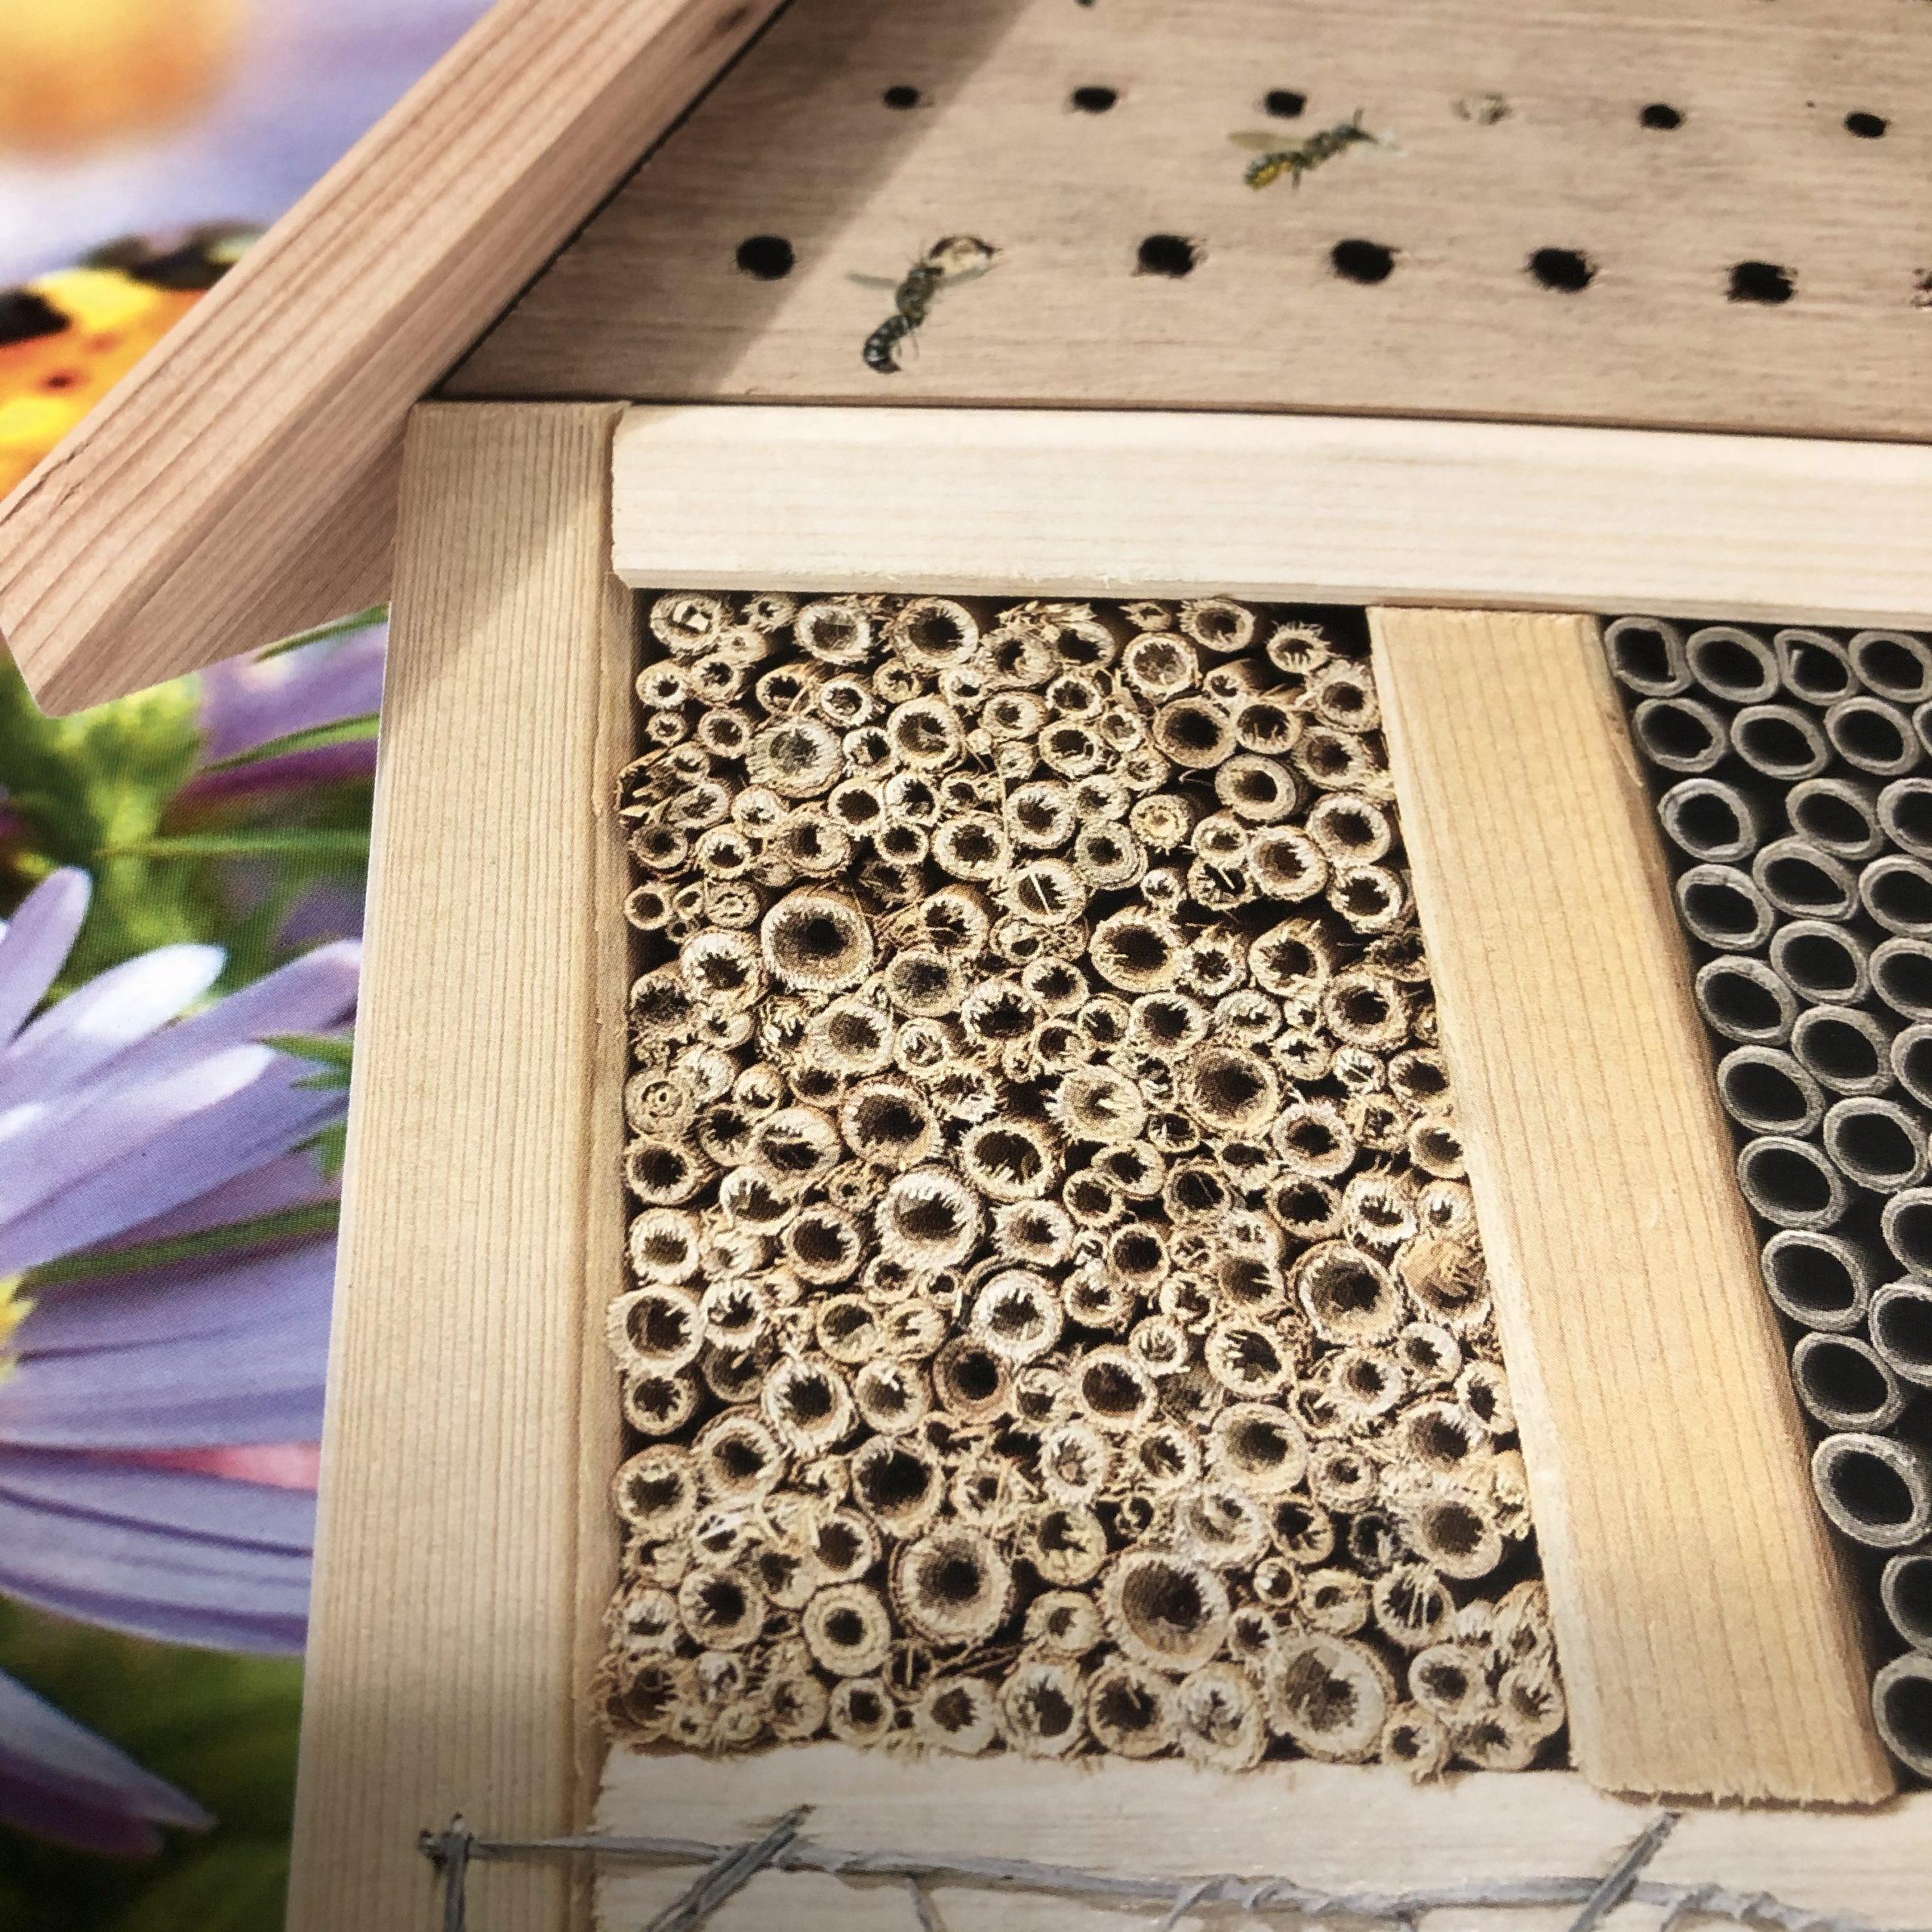 Produktbild eines Insektenhotels.